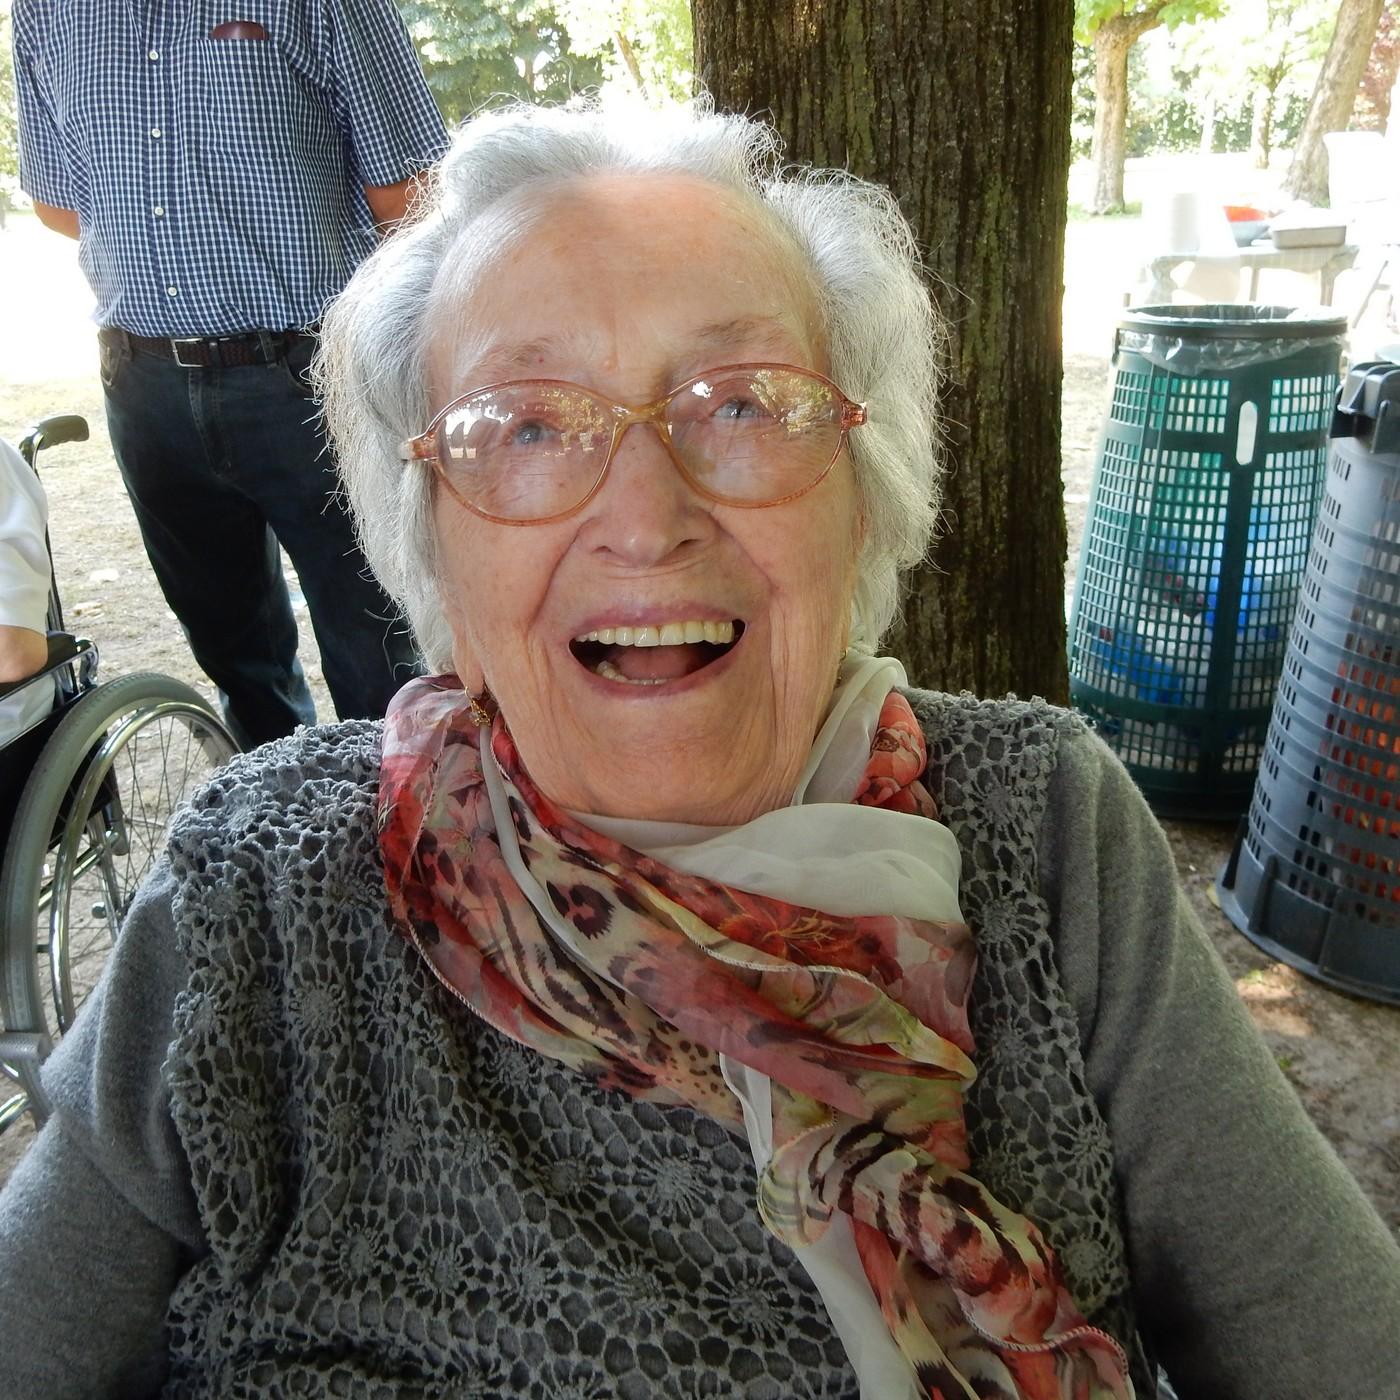 Residenza Sanitaria Assistenziale per Anziani (RSA)